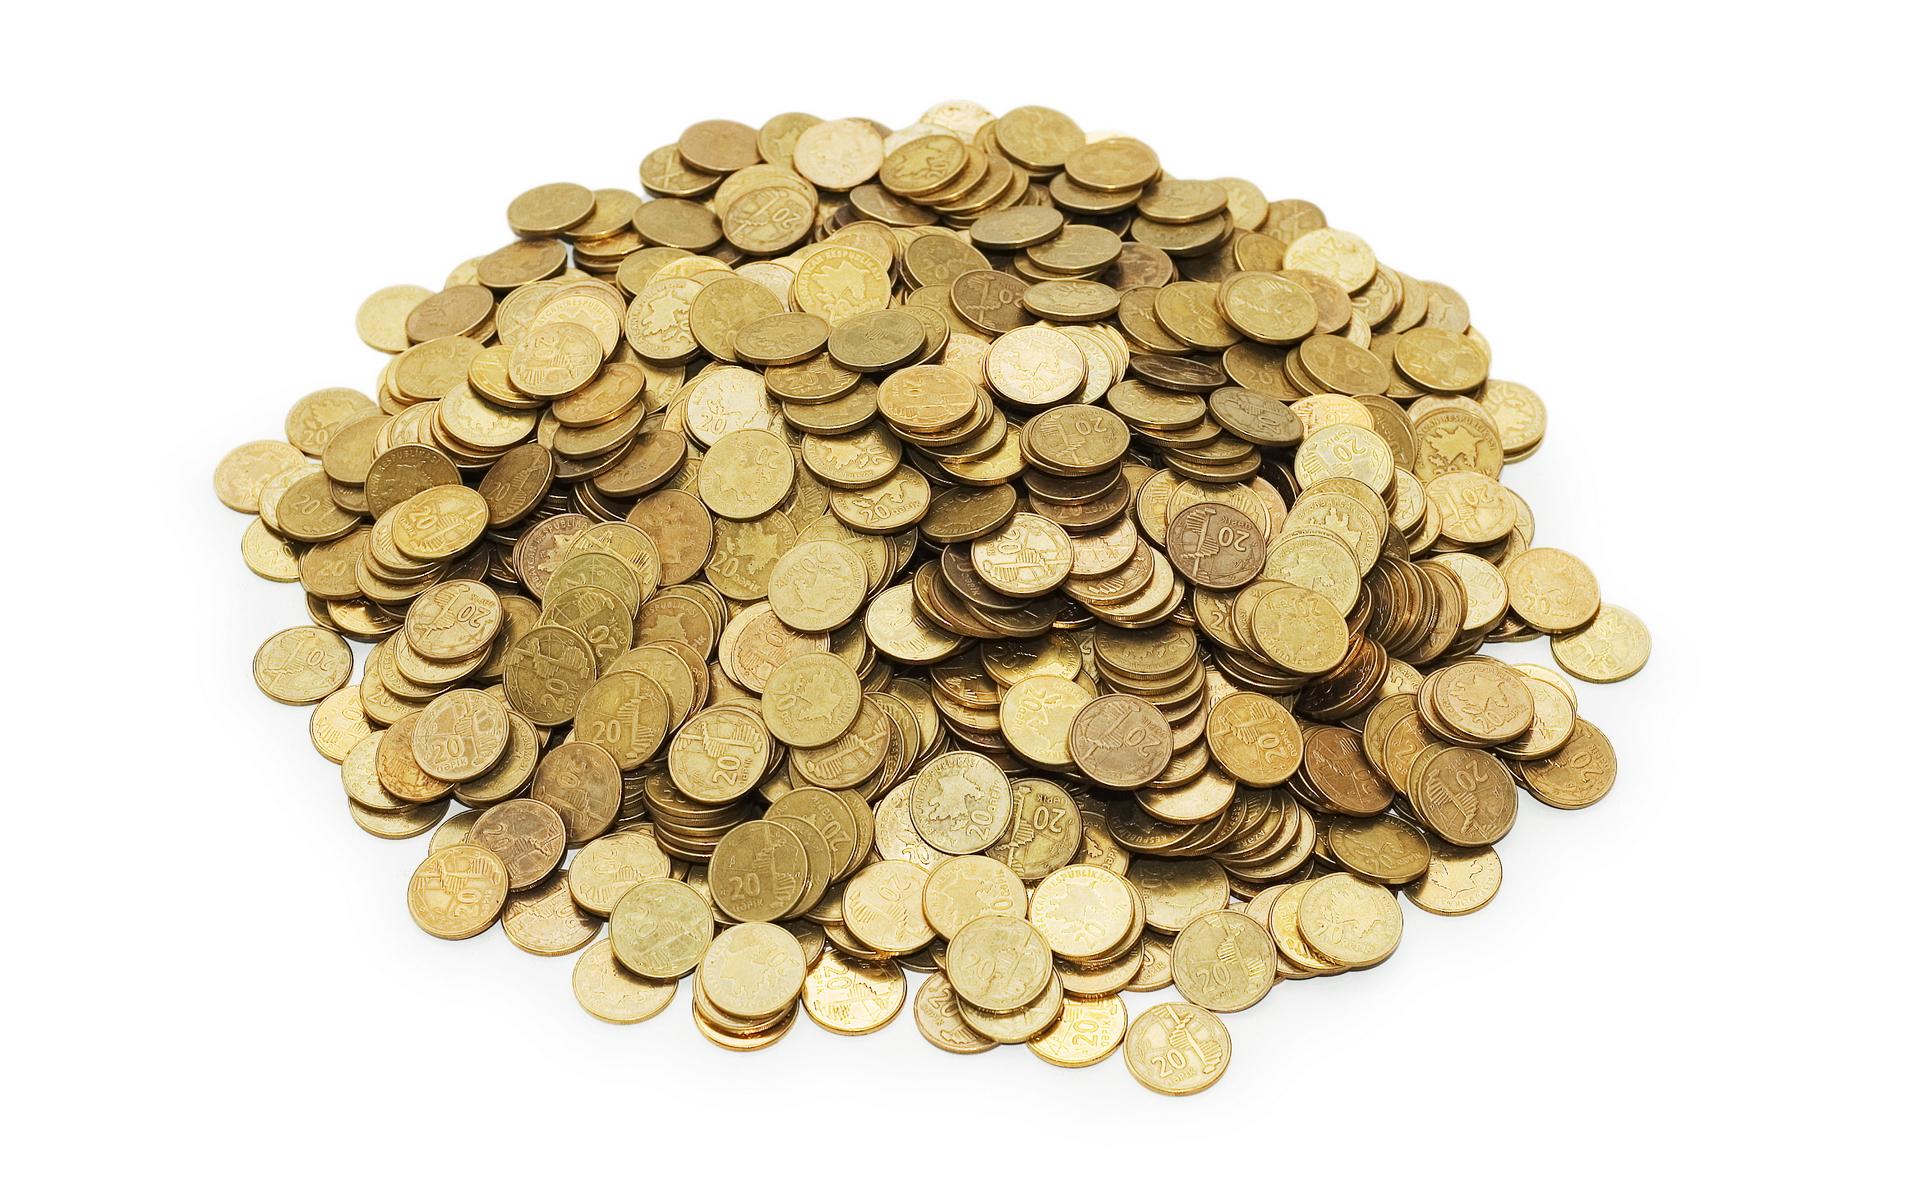 золотые, монеты, кучка